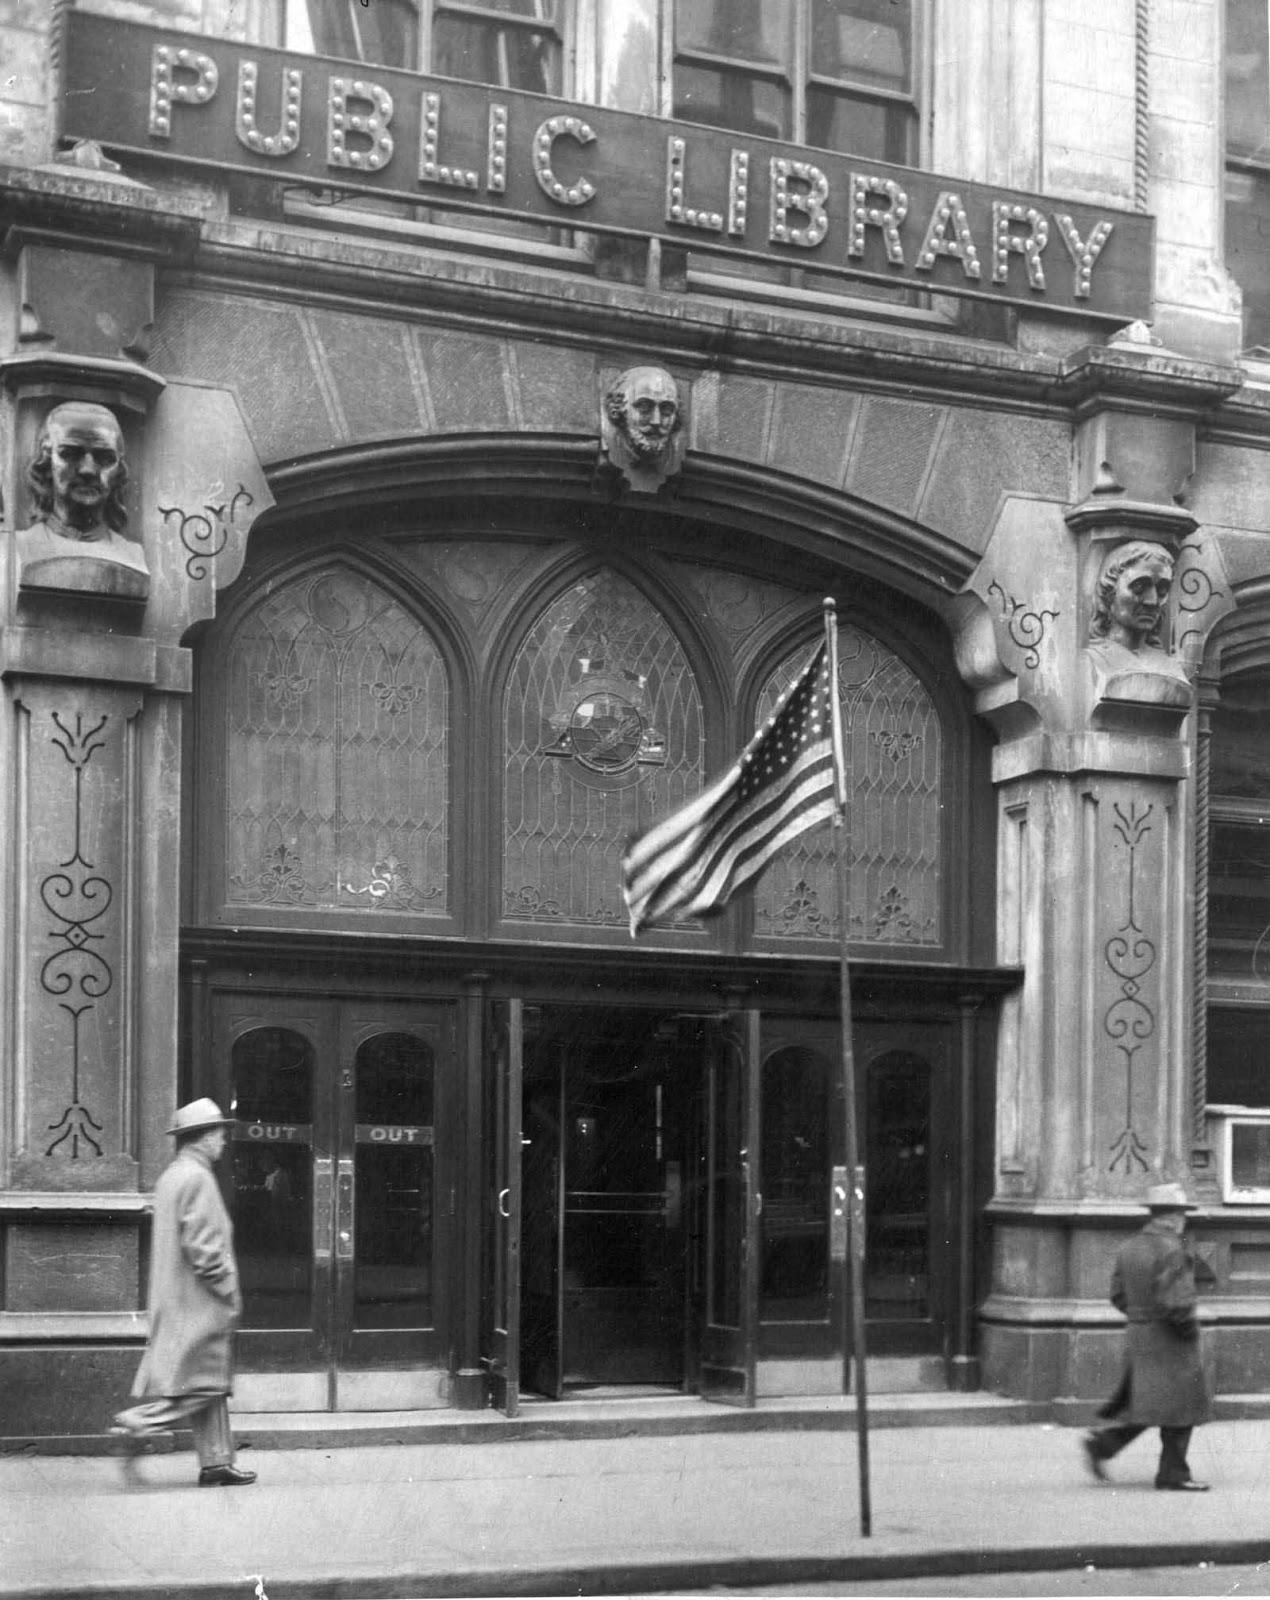 L'Ancien Cincinnati Bibliothèque avant d'être démoli, 1874-1955